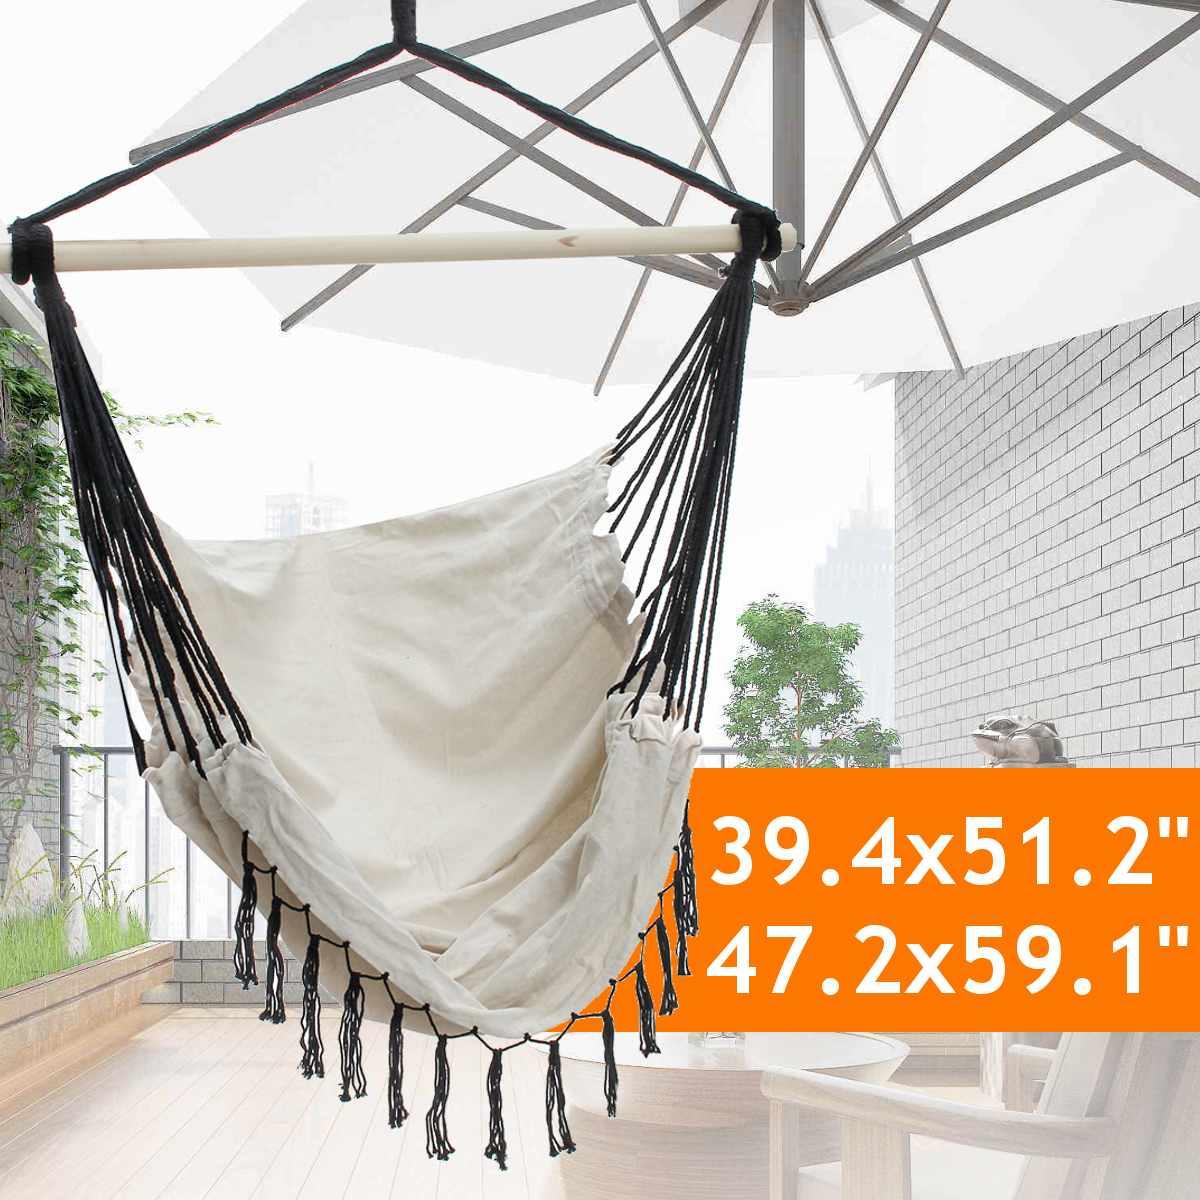 Скандинавский стиль, 160 кг, гамак, открытый, закрытый, для сада, общежития, для спальни, подвесное кресло для ребенка, для взрослых, развевающееся, одиночное, безопасное кресло